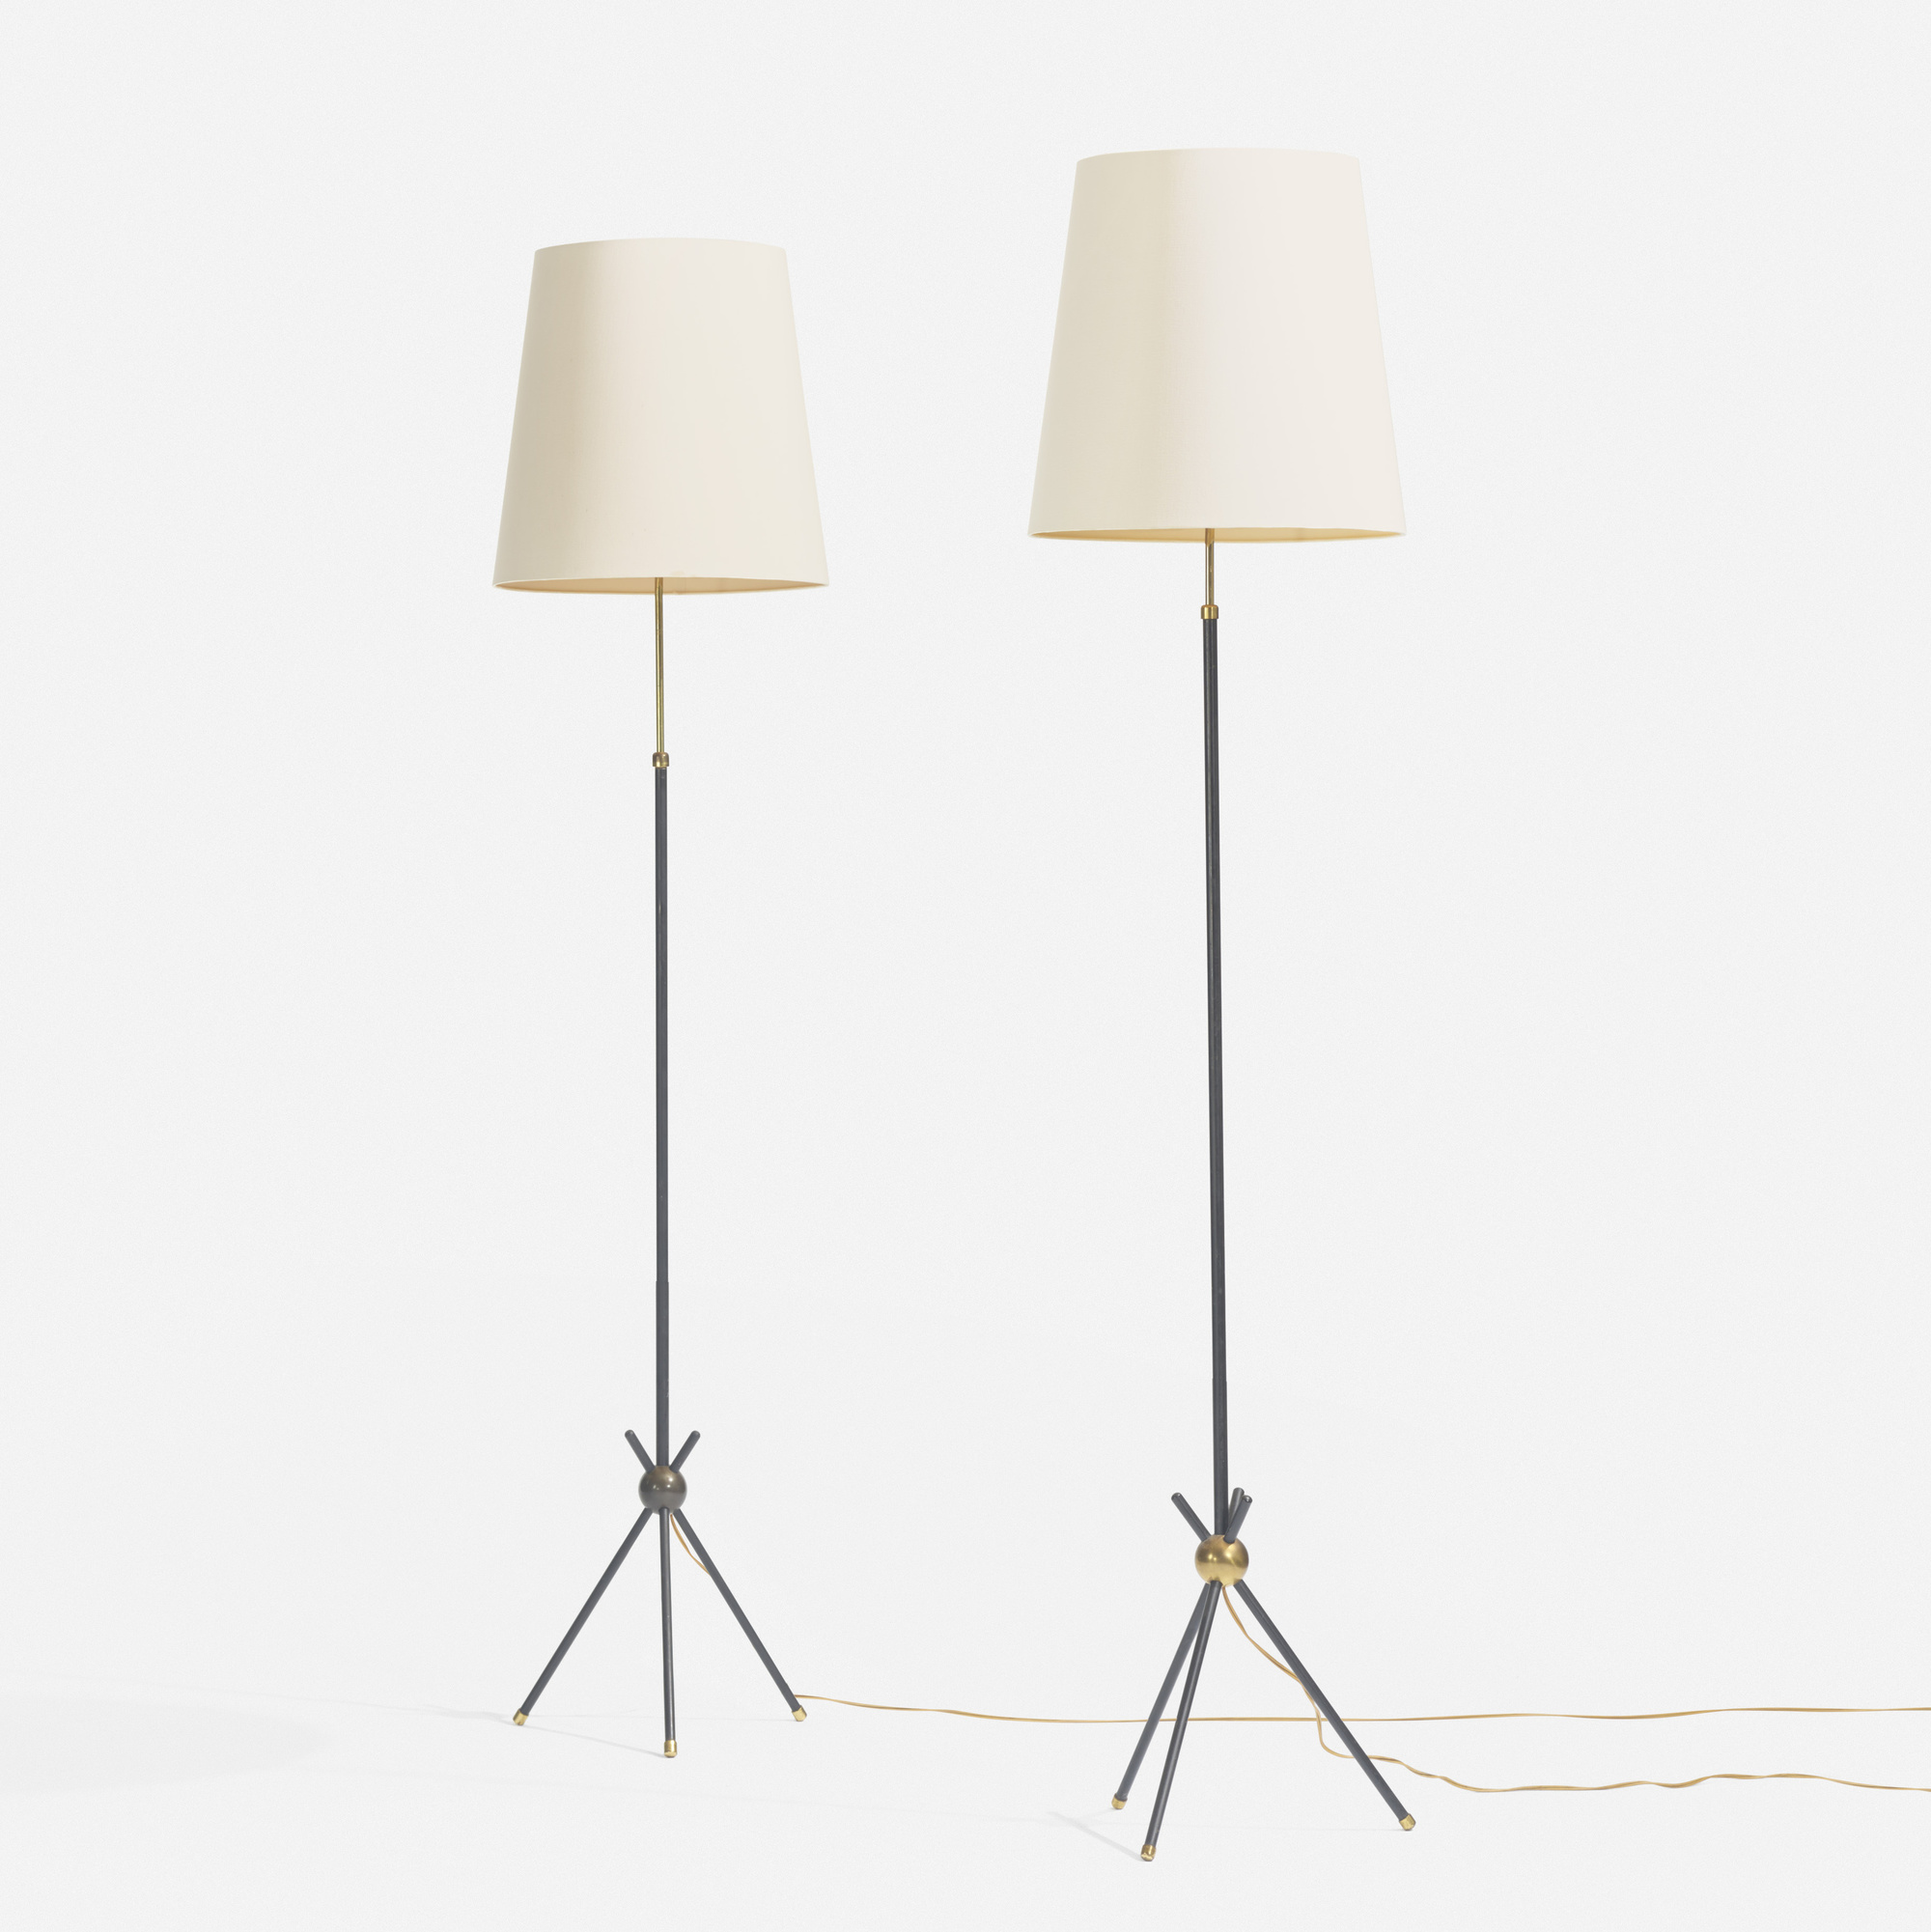 147: Svend Aage Holm  Sørensen / floor lamps, pair (1 of 2)